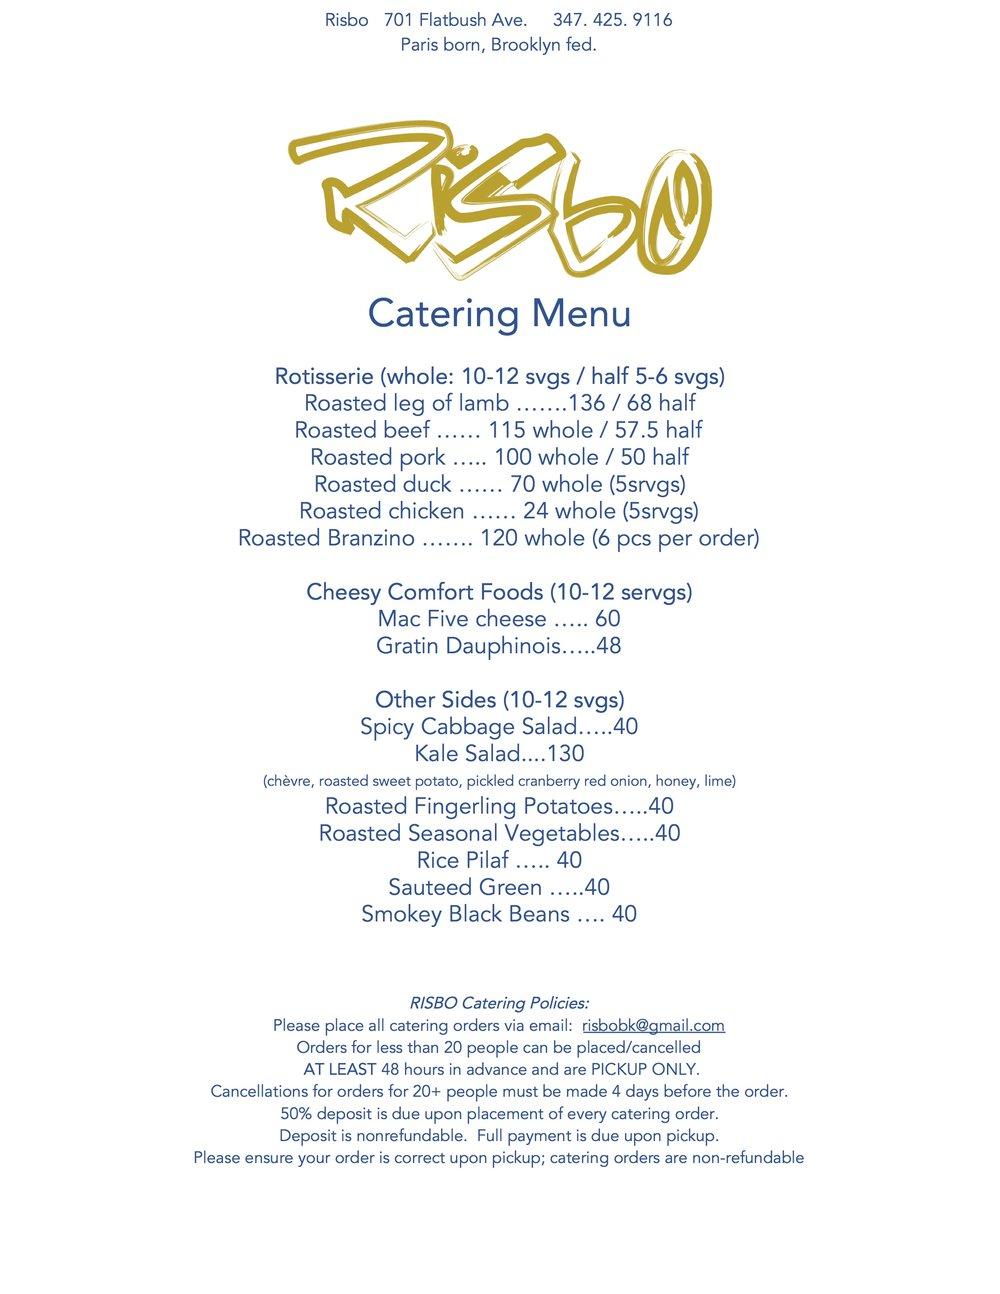 Risbo catering menu.jpg